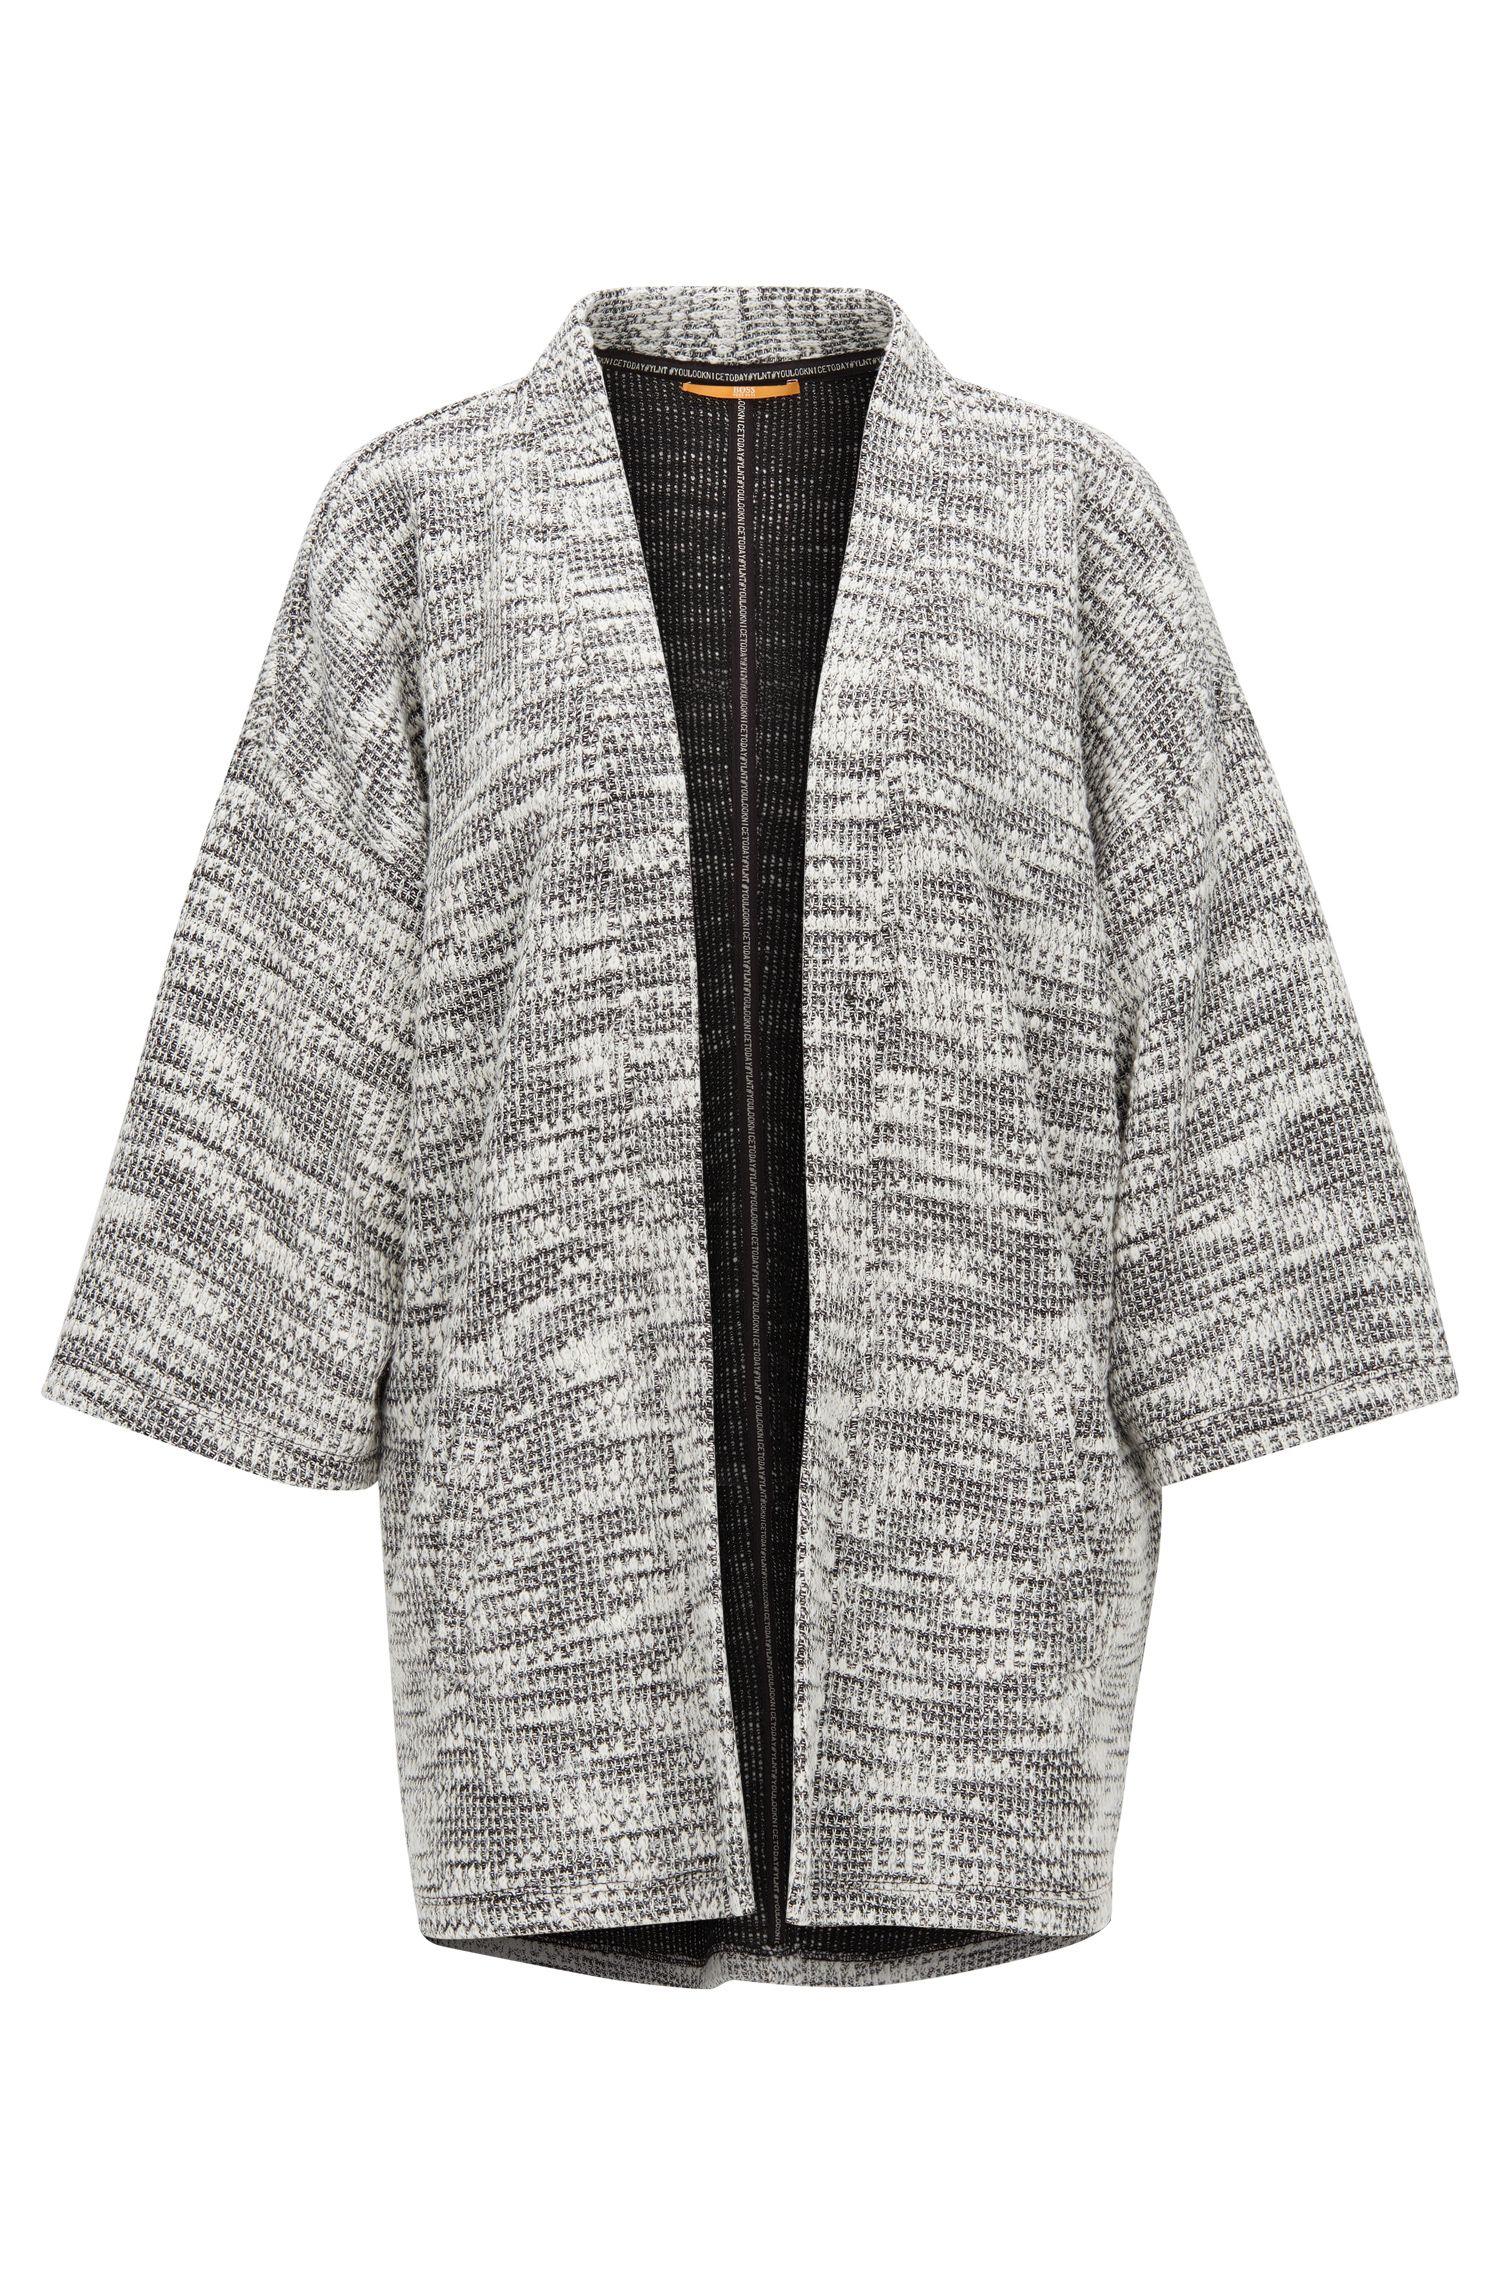 Grofgebreid vest met kimonomouwen